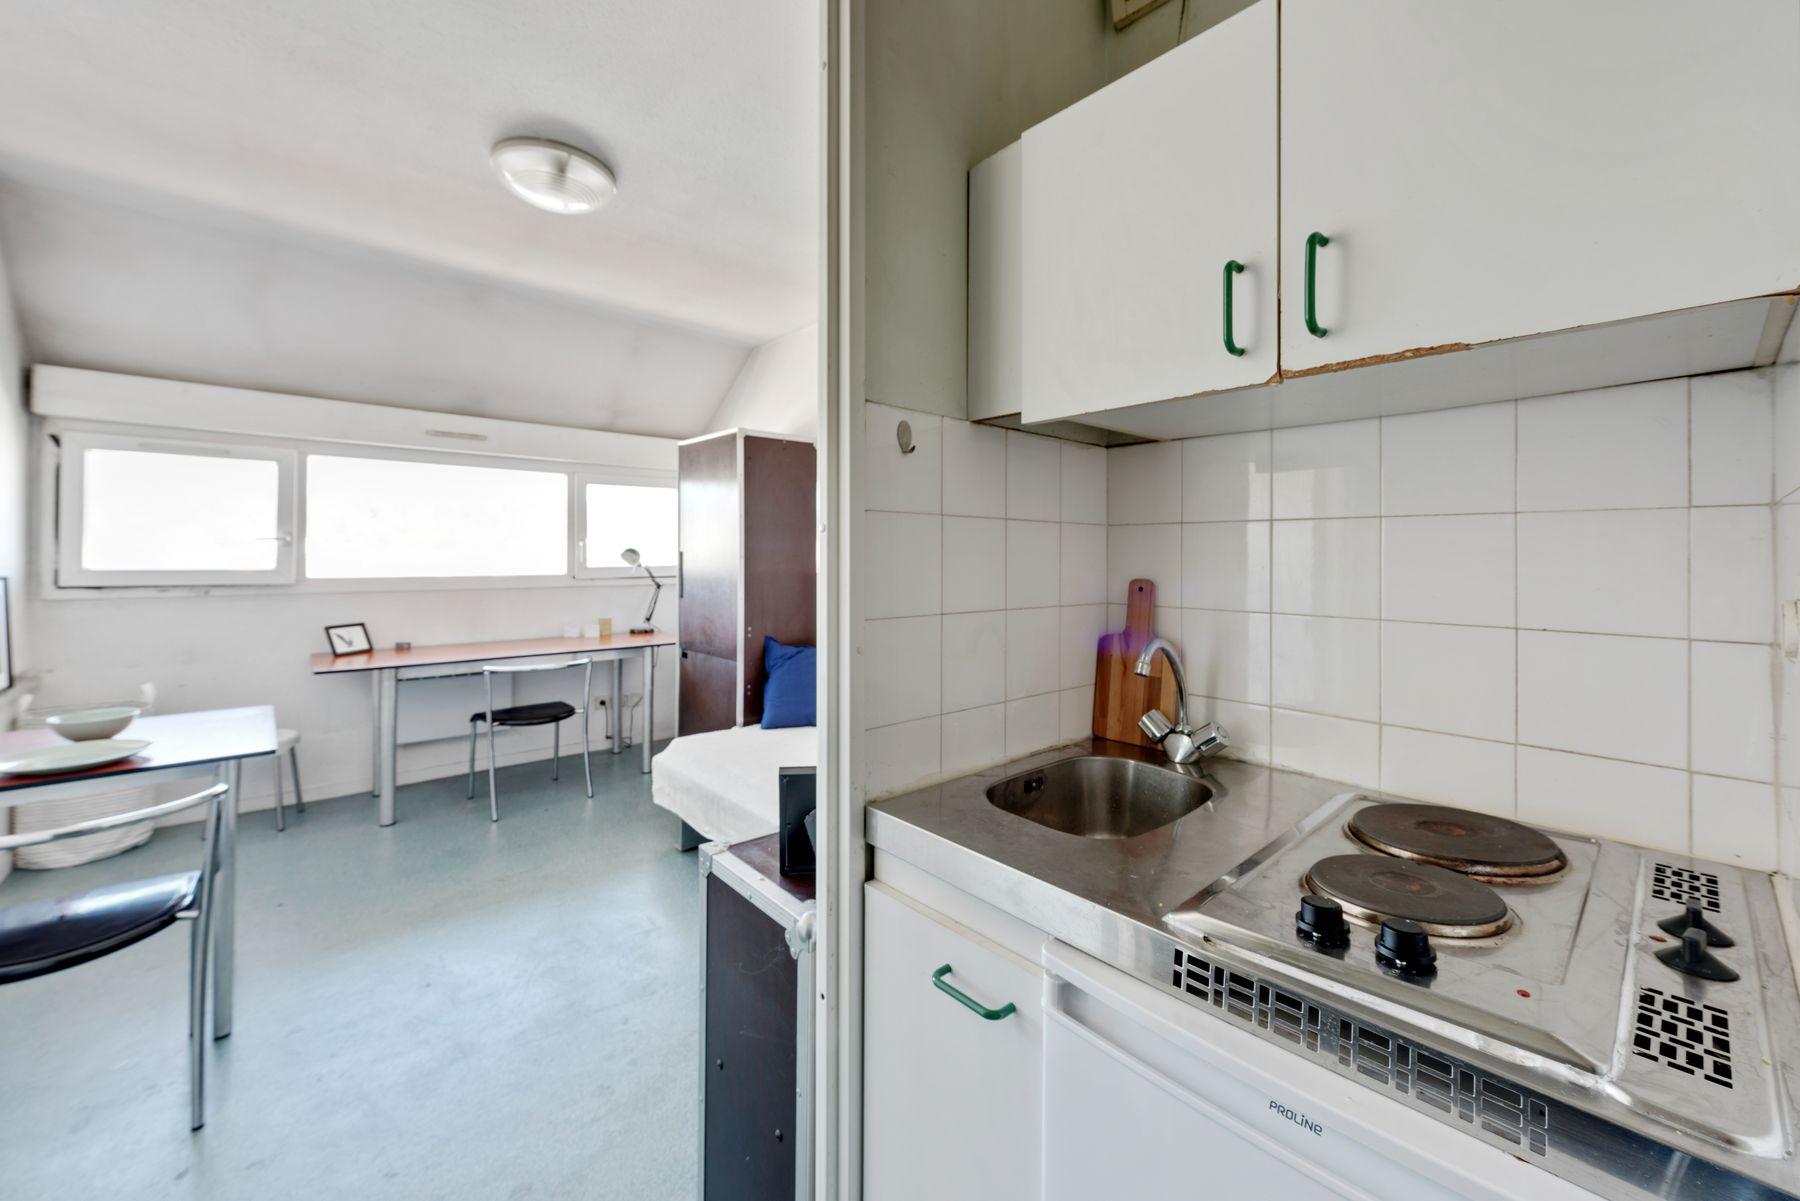 Maison des Étudiants du Rhône LOGIFAC résidence étudiante coin cuisine